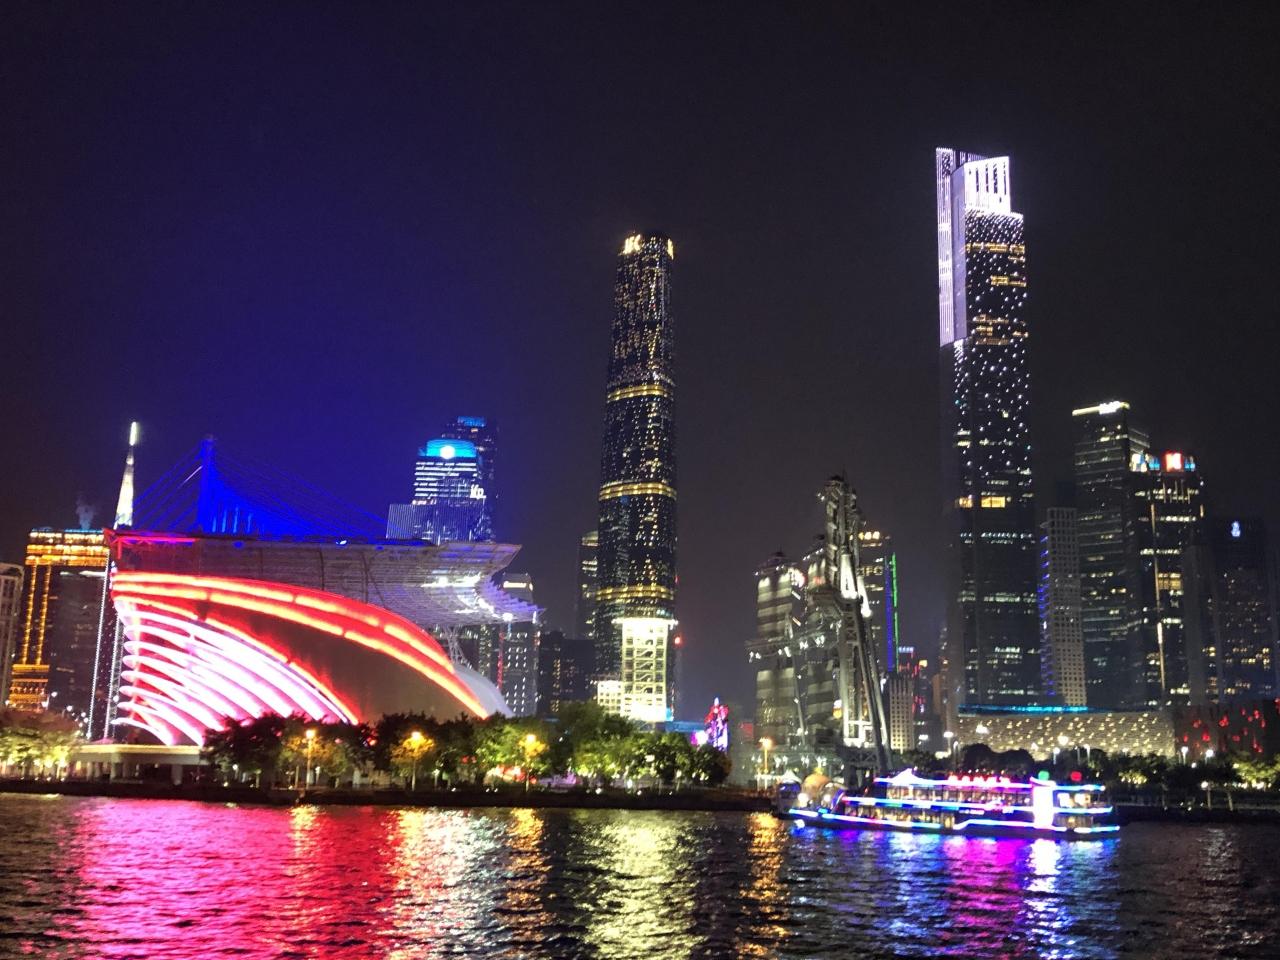 食は広州に在り!中国一のグルメ都市への旅(2018年広州⑨)~珠江 ...